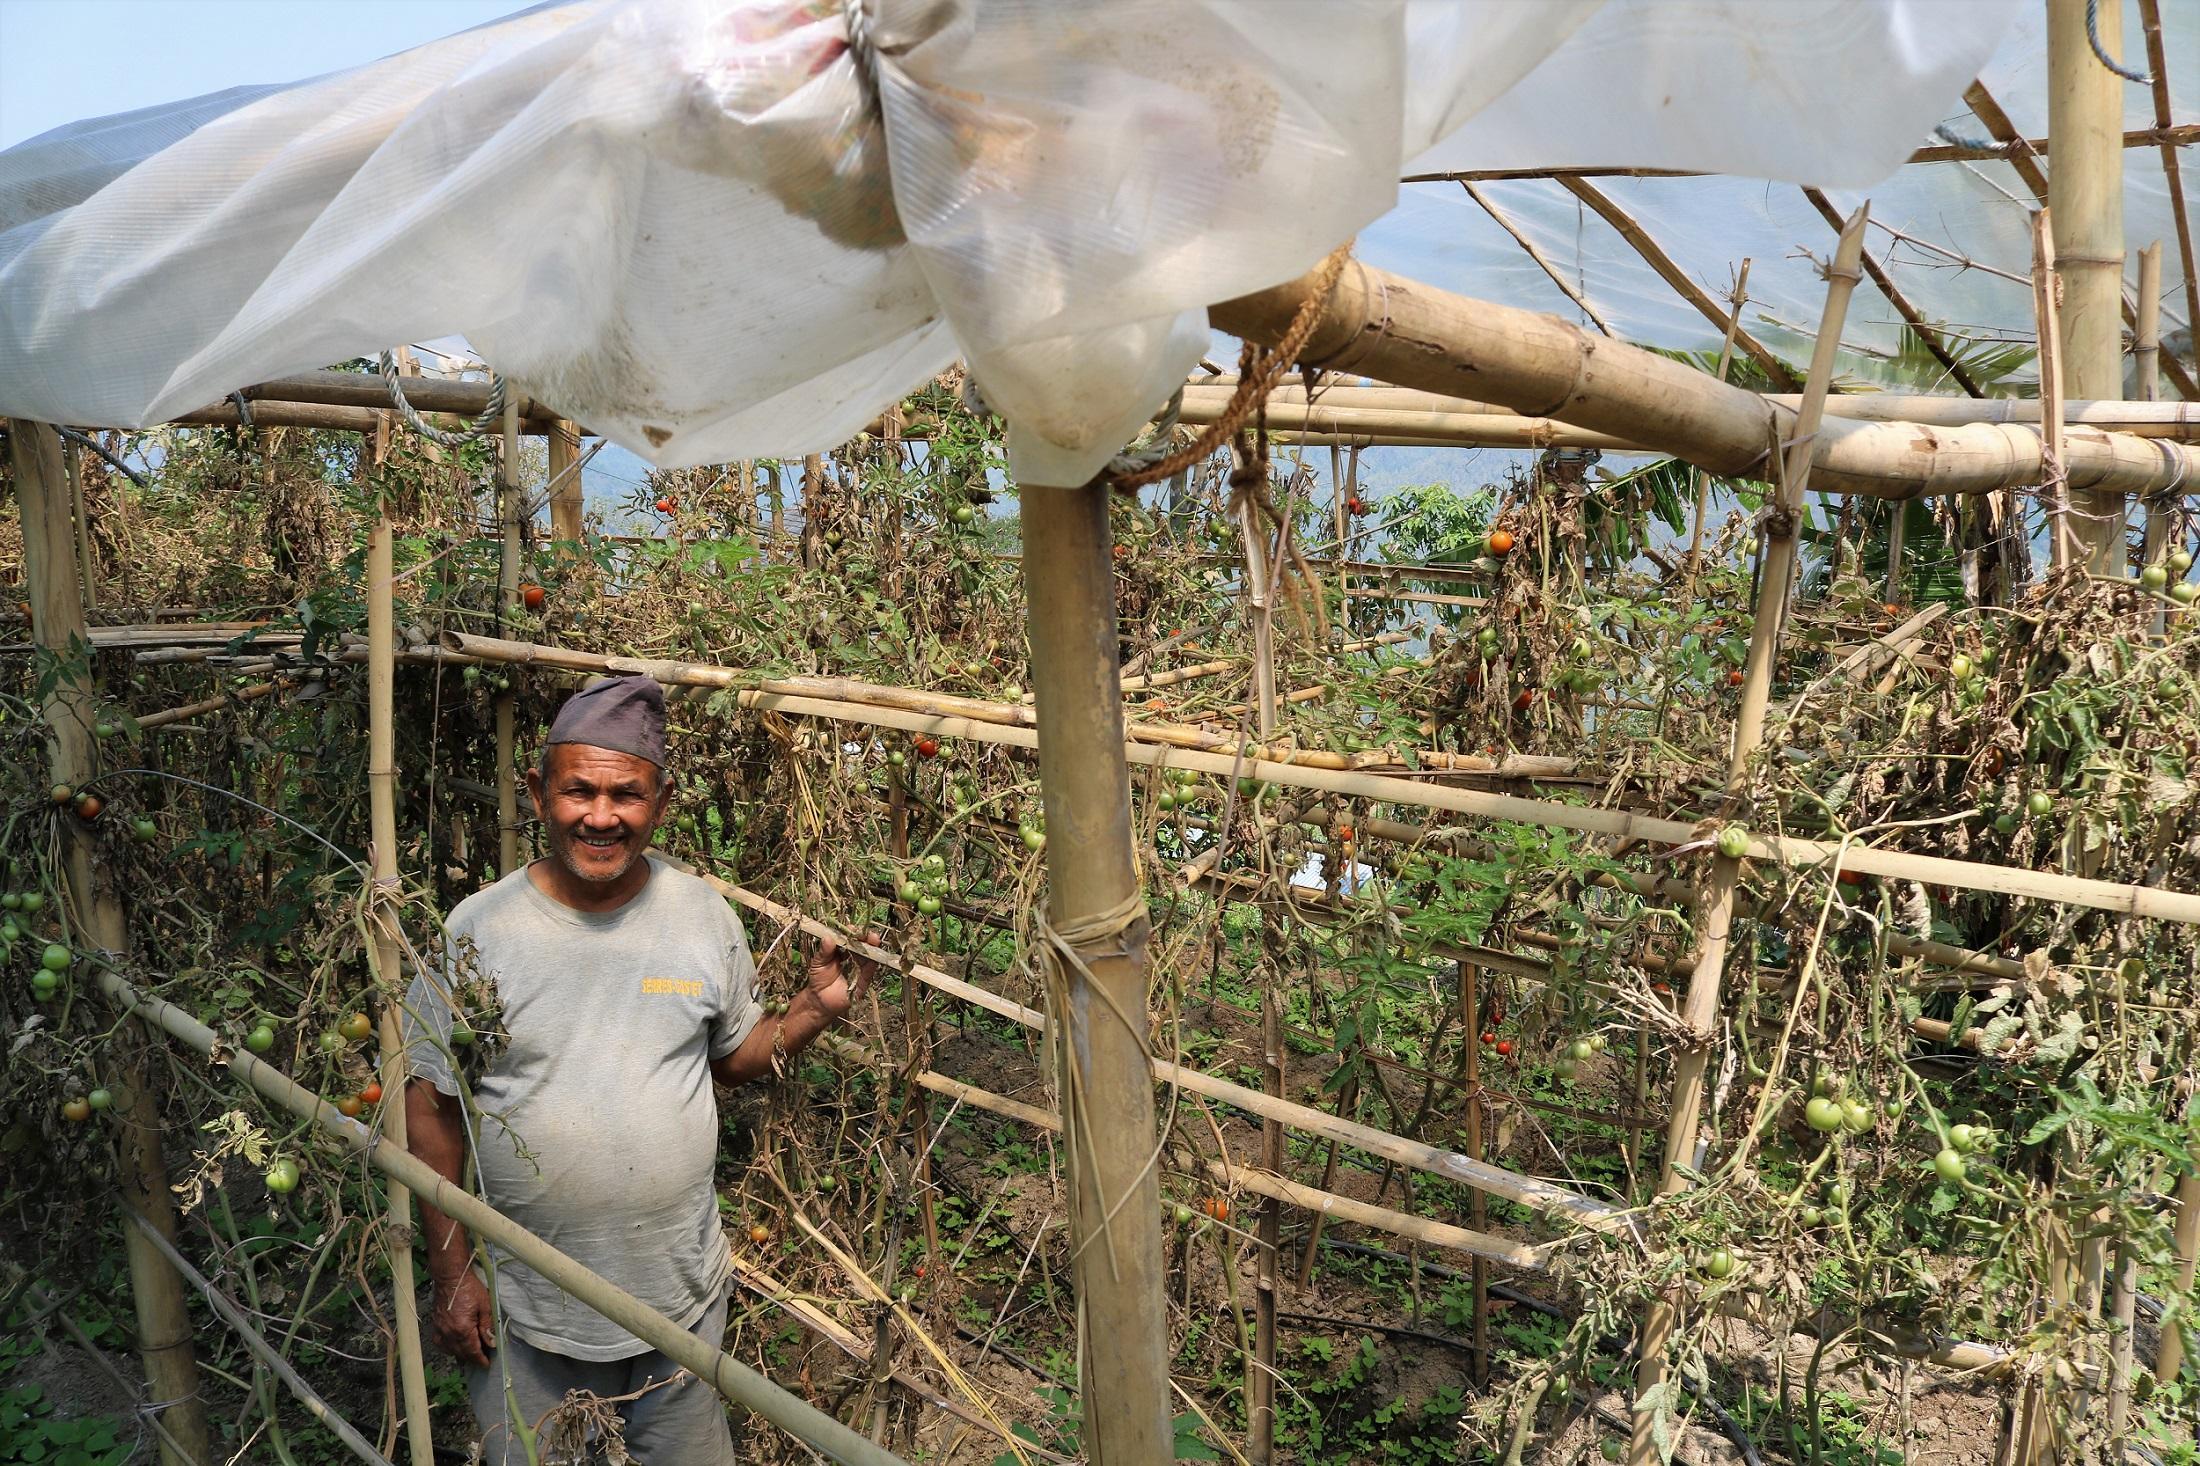 Auf There-for-you.com wird aktuell Geld für ein Projekt in Nepal gesammelt.